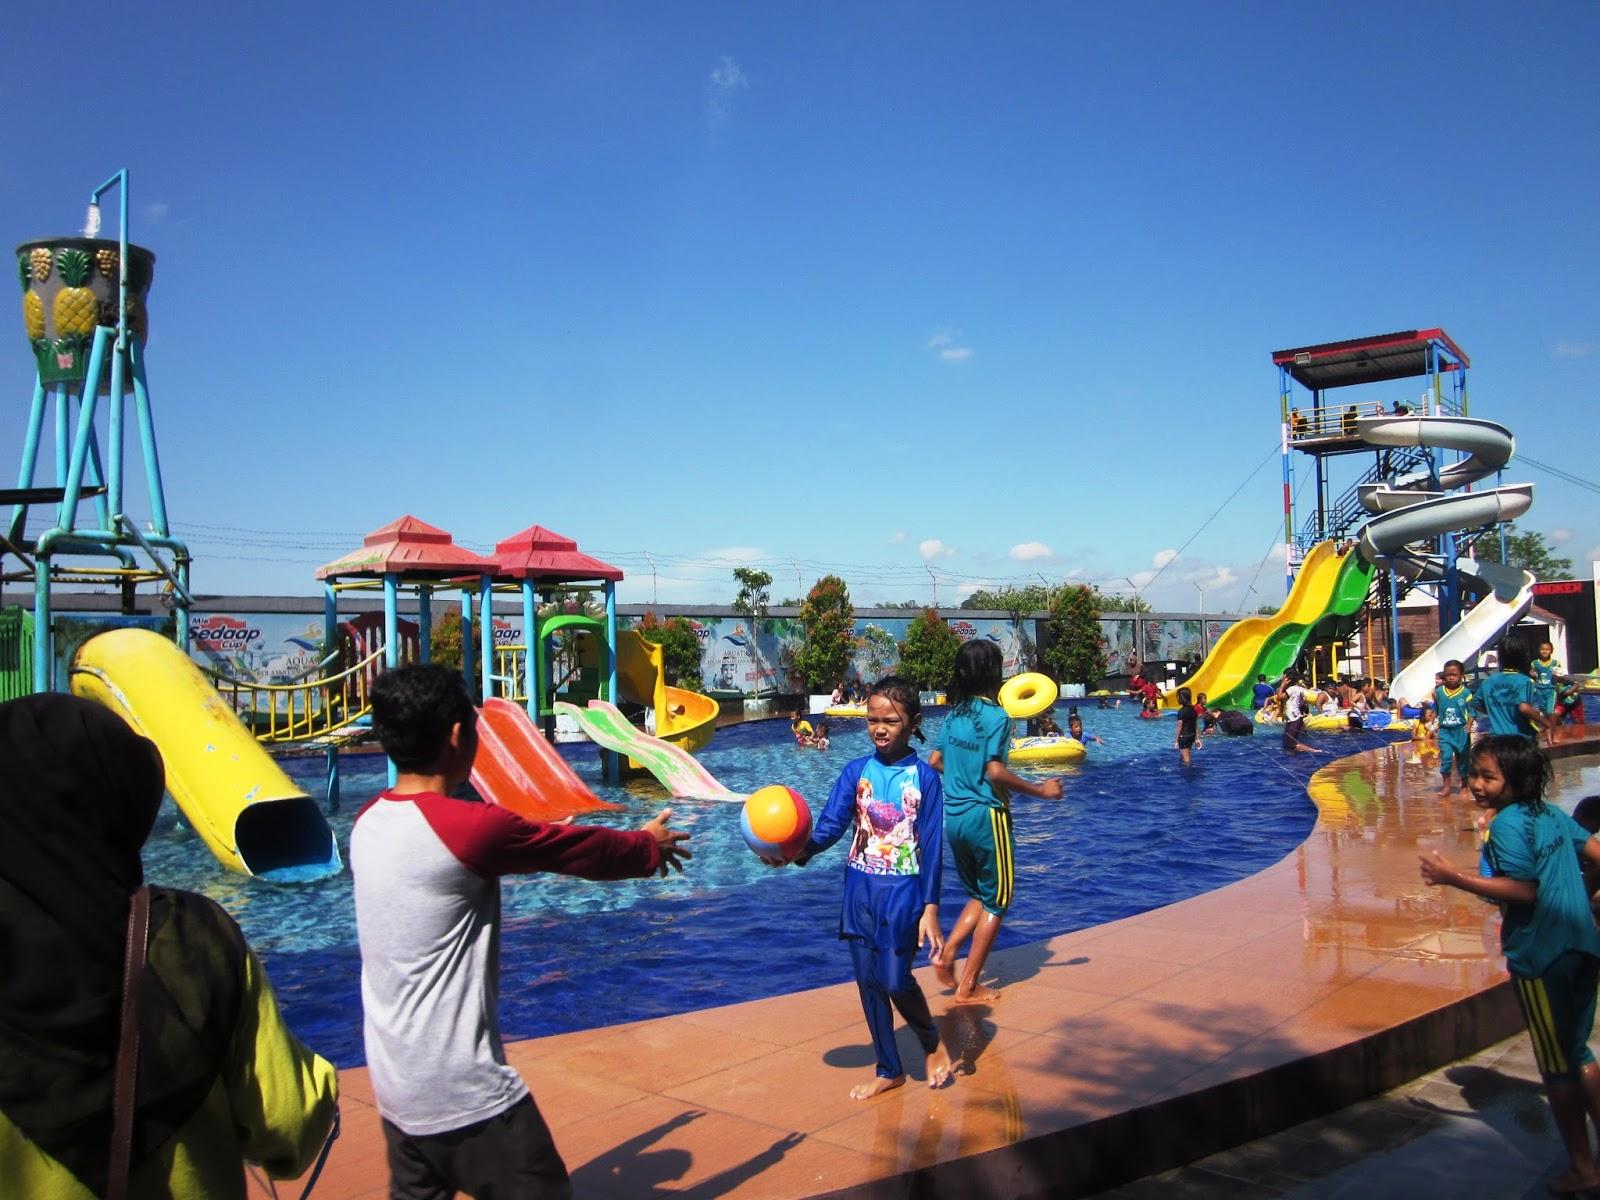 jombang city guide aquatics waterpark serunya waterboom dan ember rh jombangcityguide blogspot com kolam renang di sumobito jombang tempat kolam renang di jombang